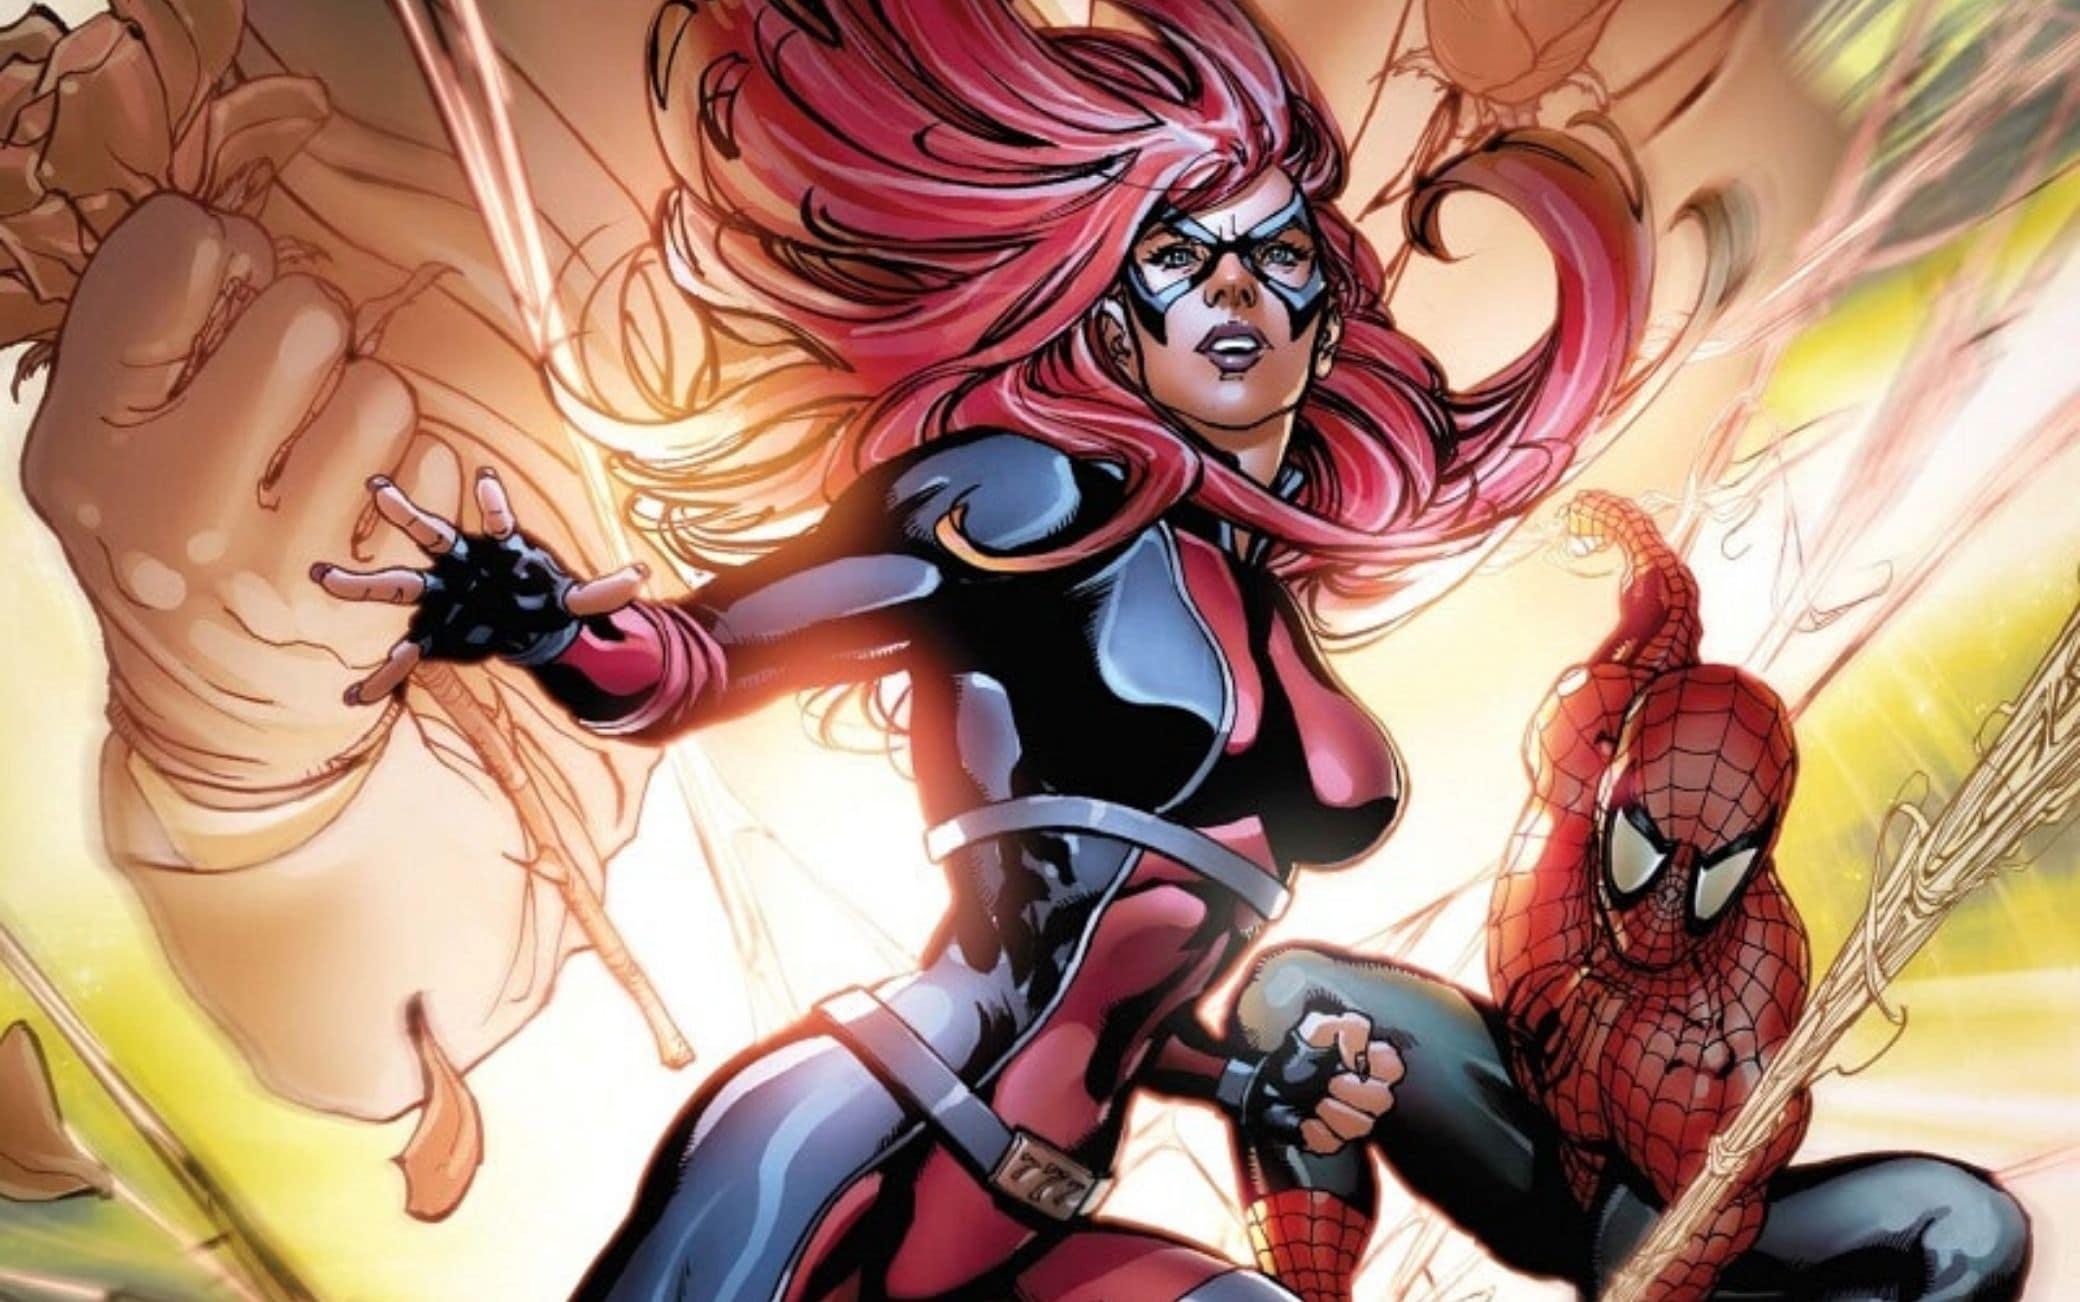 Jackpot, nuovo film Sony dall'universo di Spider-Man